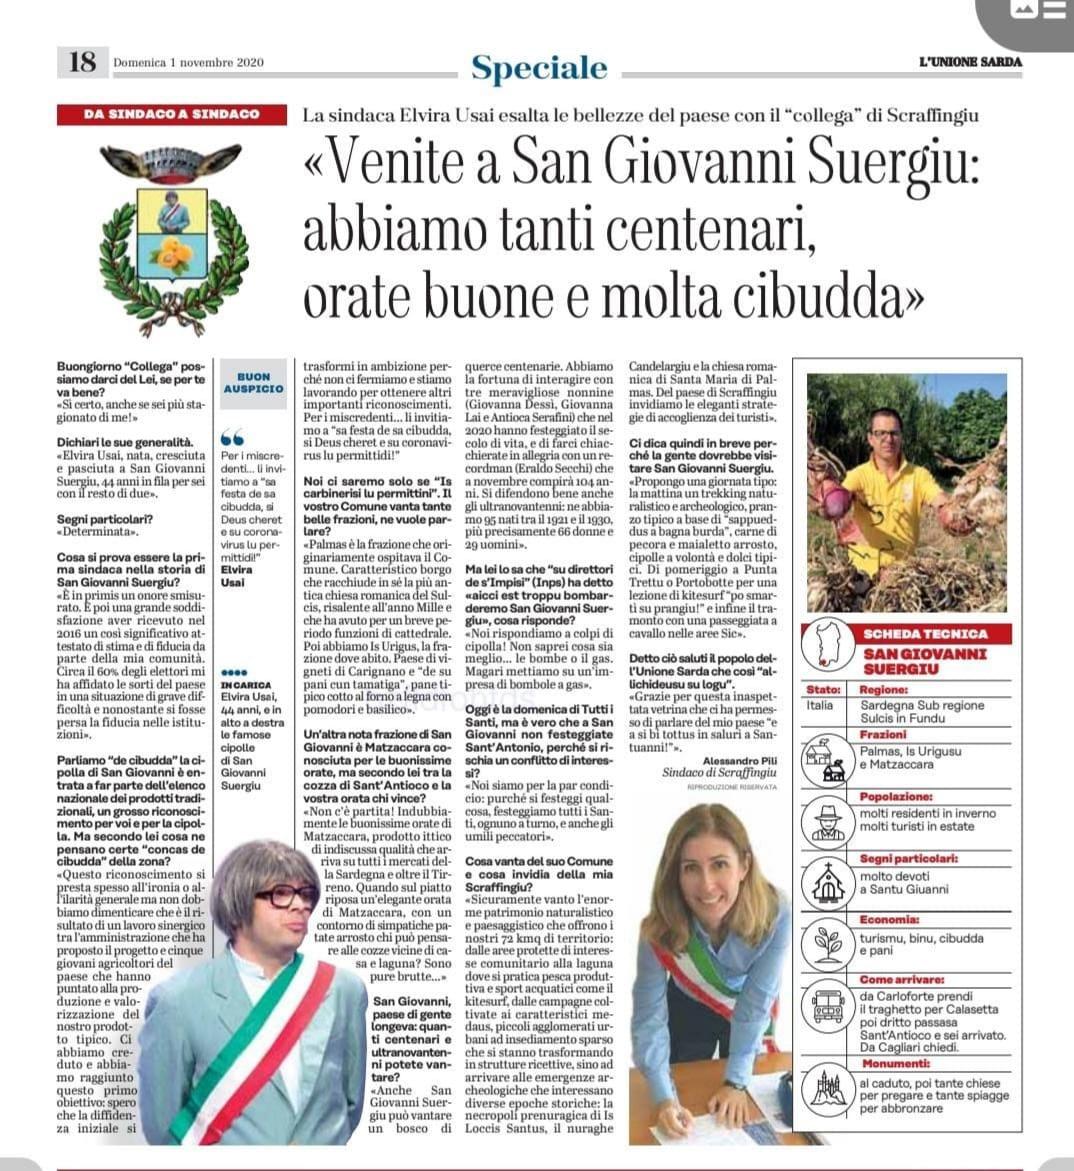 articolo sullo spettacolo del sindaco di Scraffingiu a San Giovanni suergiu